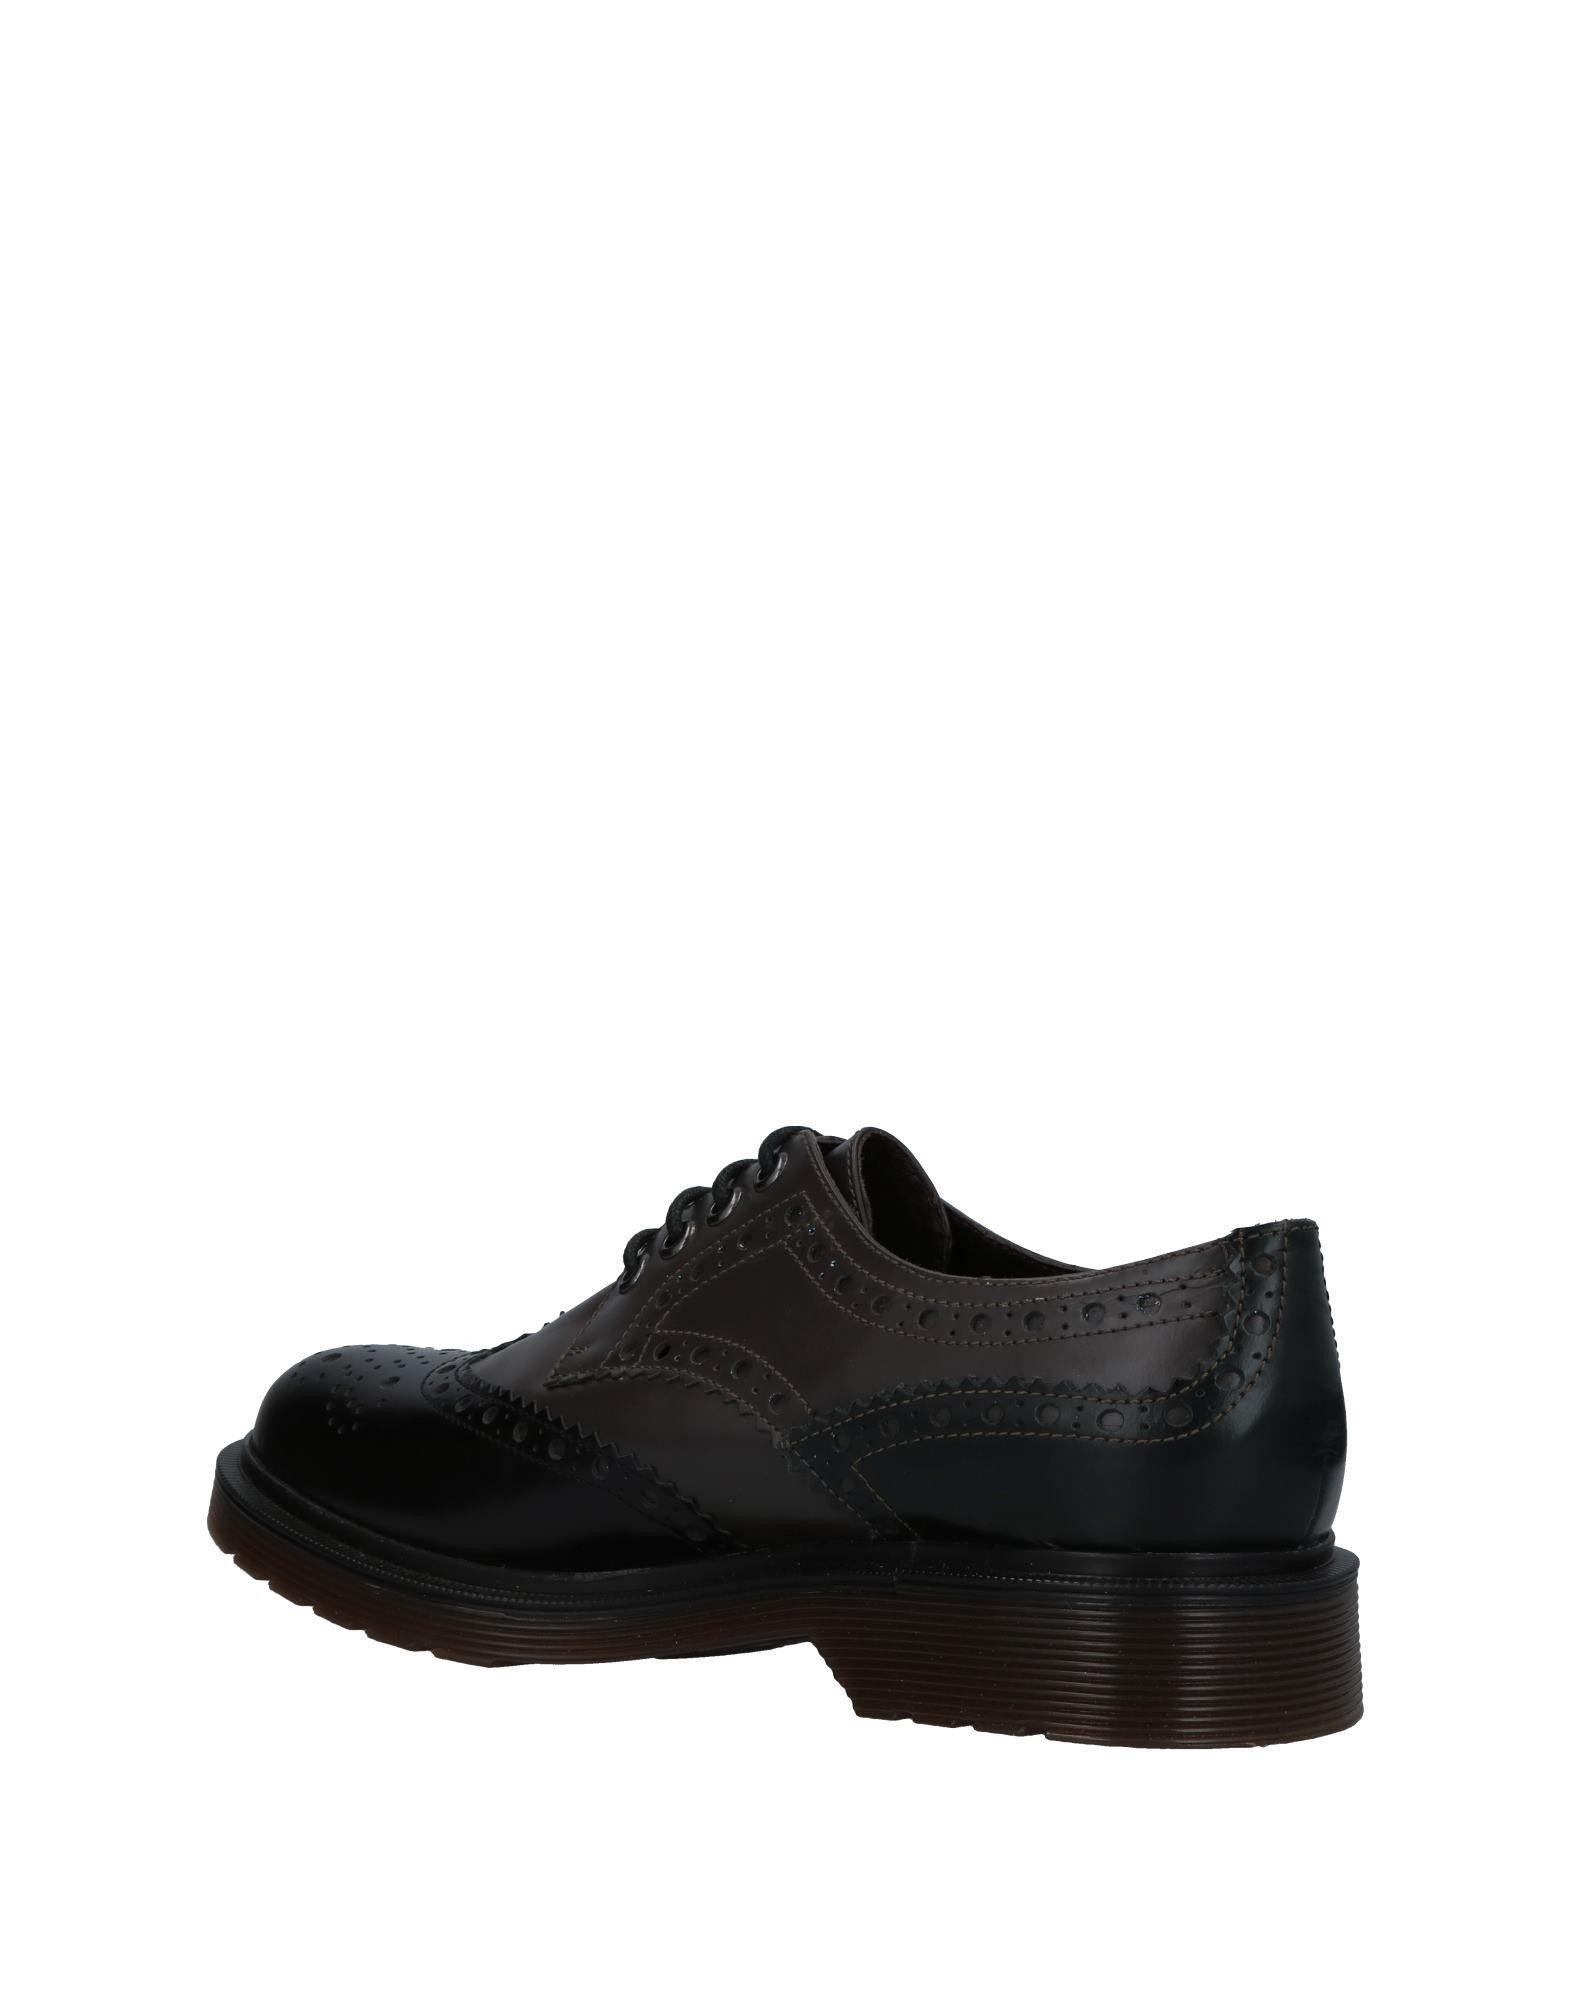 Chaussures À Lacets Etwob Femme - Chaussures À Lacets Etwob sur